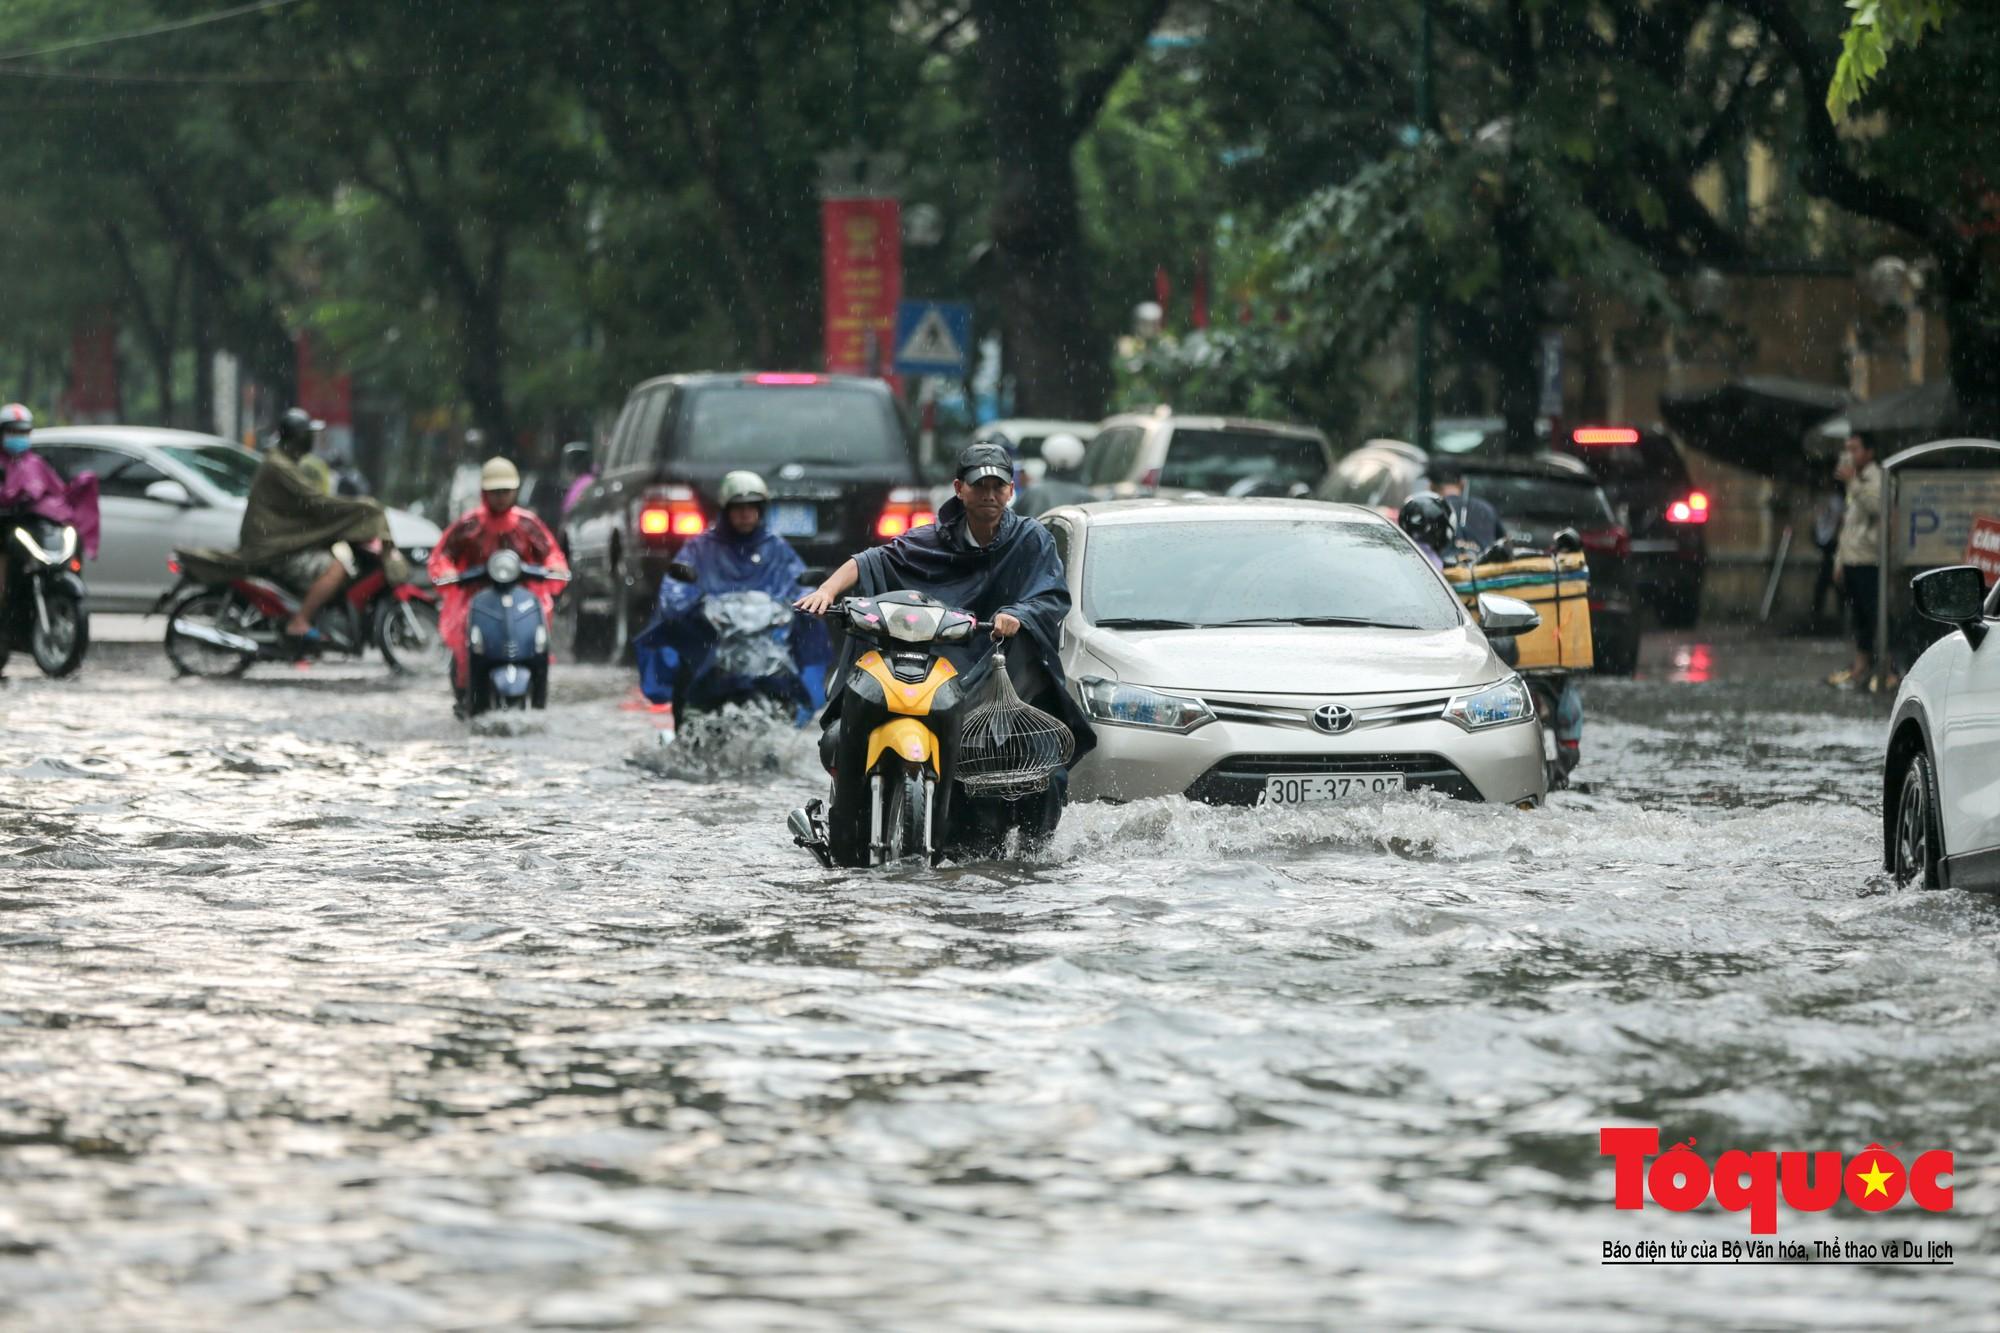 Hà Nội mưa lớn bất ngờ, nhiều tuyến đường lại ngập trong sâu biển nước4